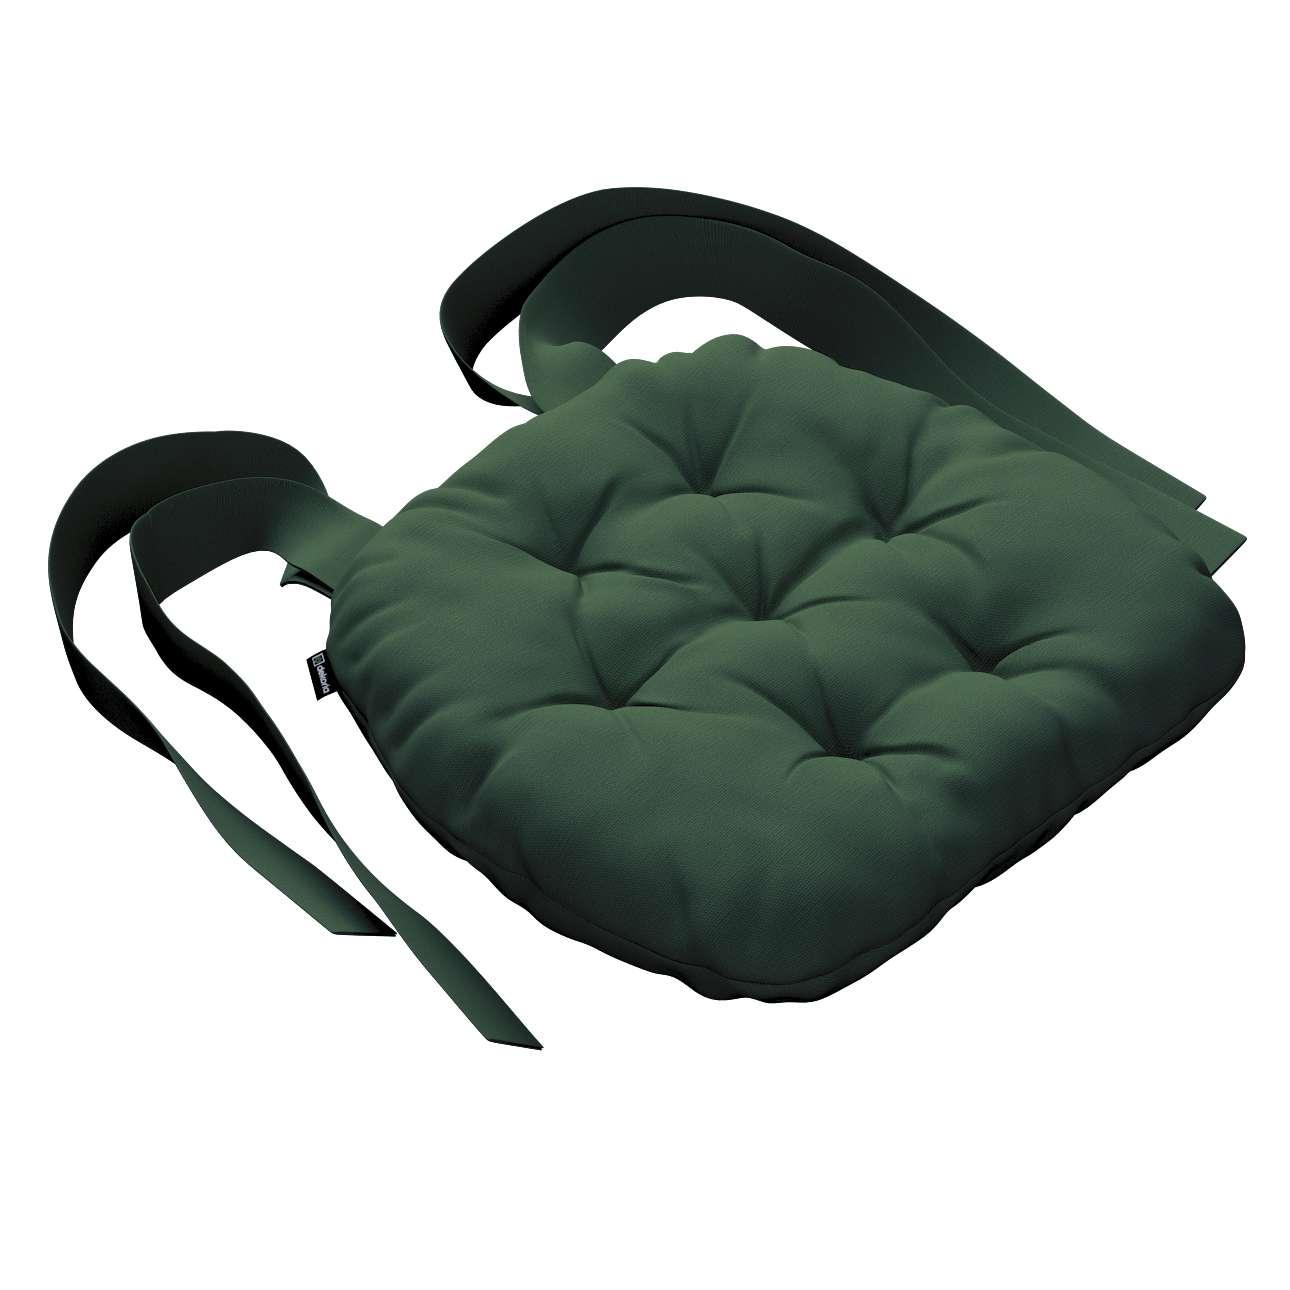 Kėdės pagalvėlė Marcin (apvaliais kraštais) 40 x 37 x 8 cm kolekcijoje Cotton Panama, audinys: 702-06